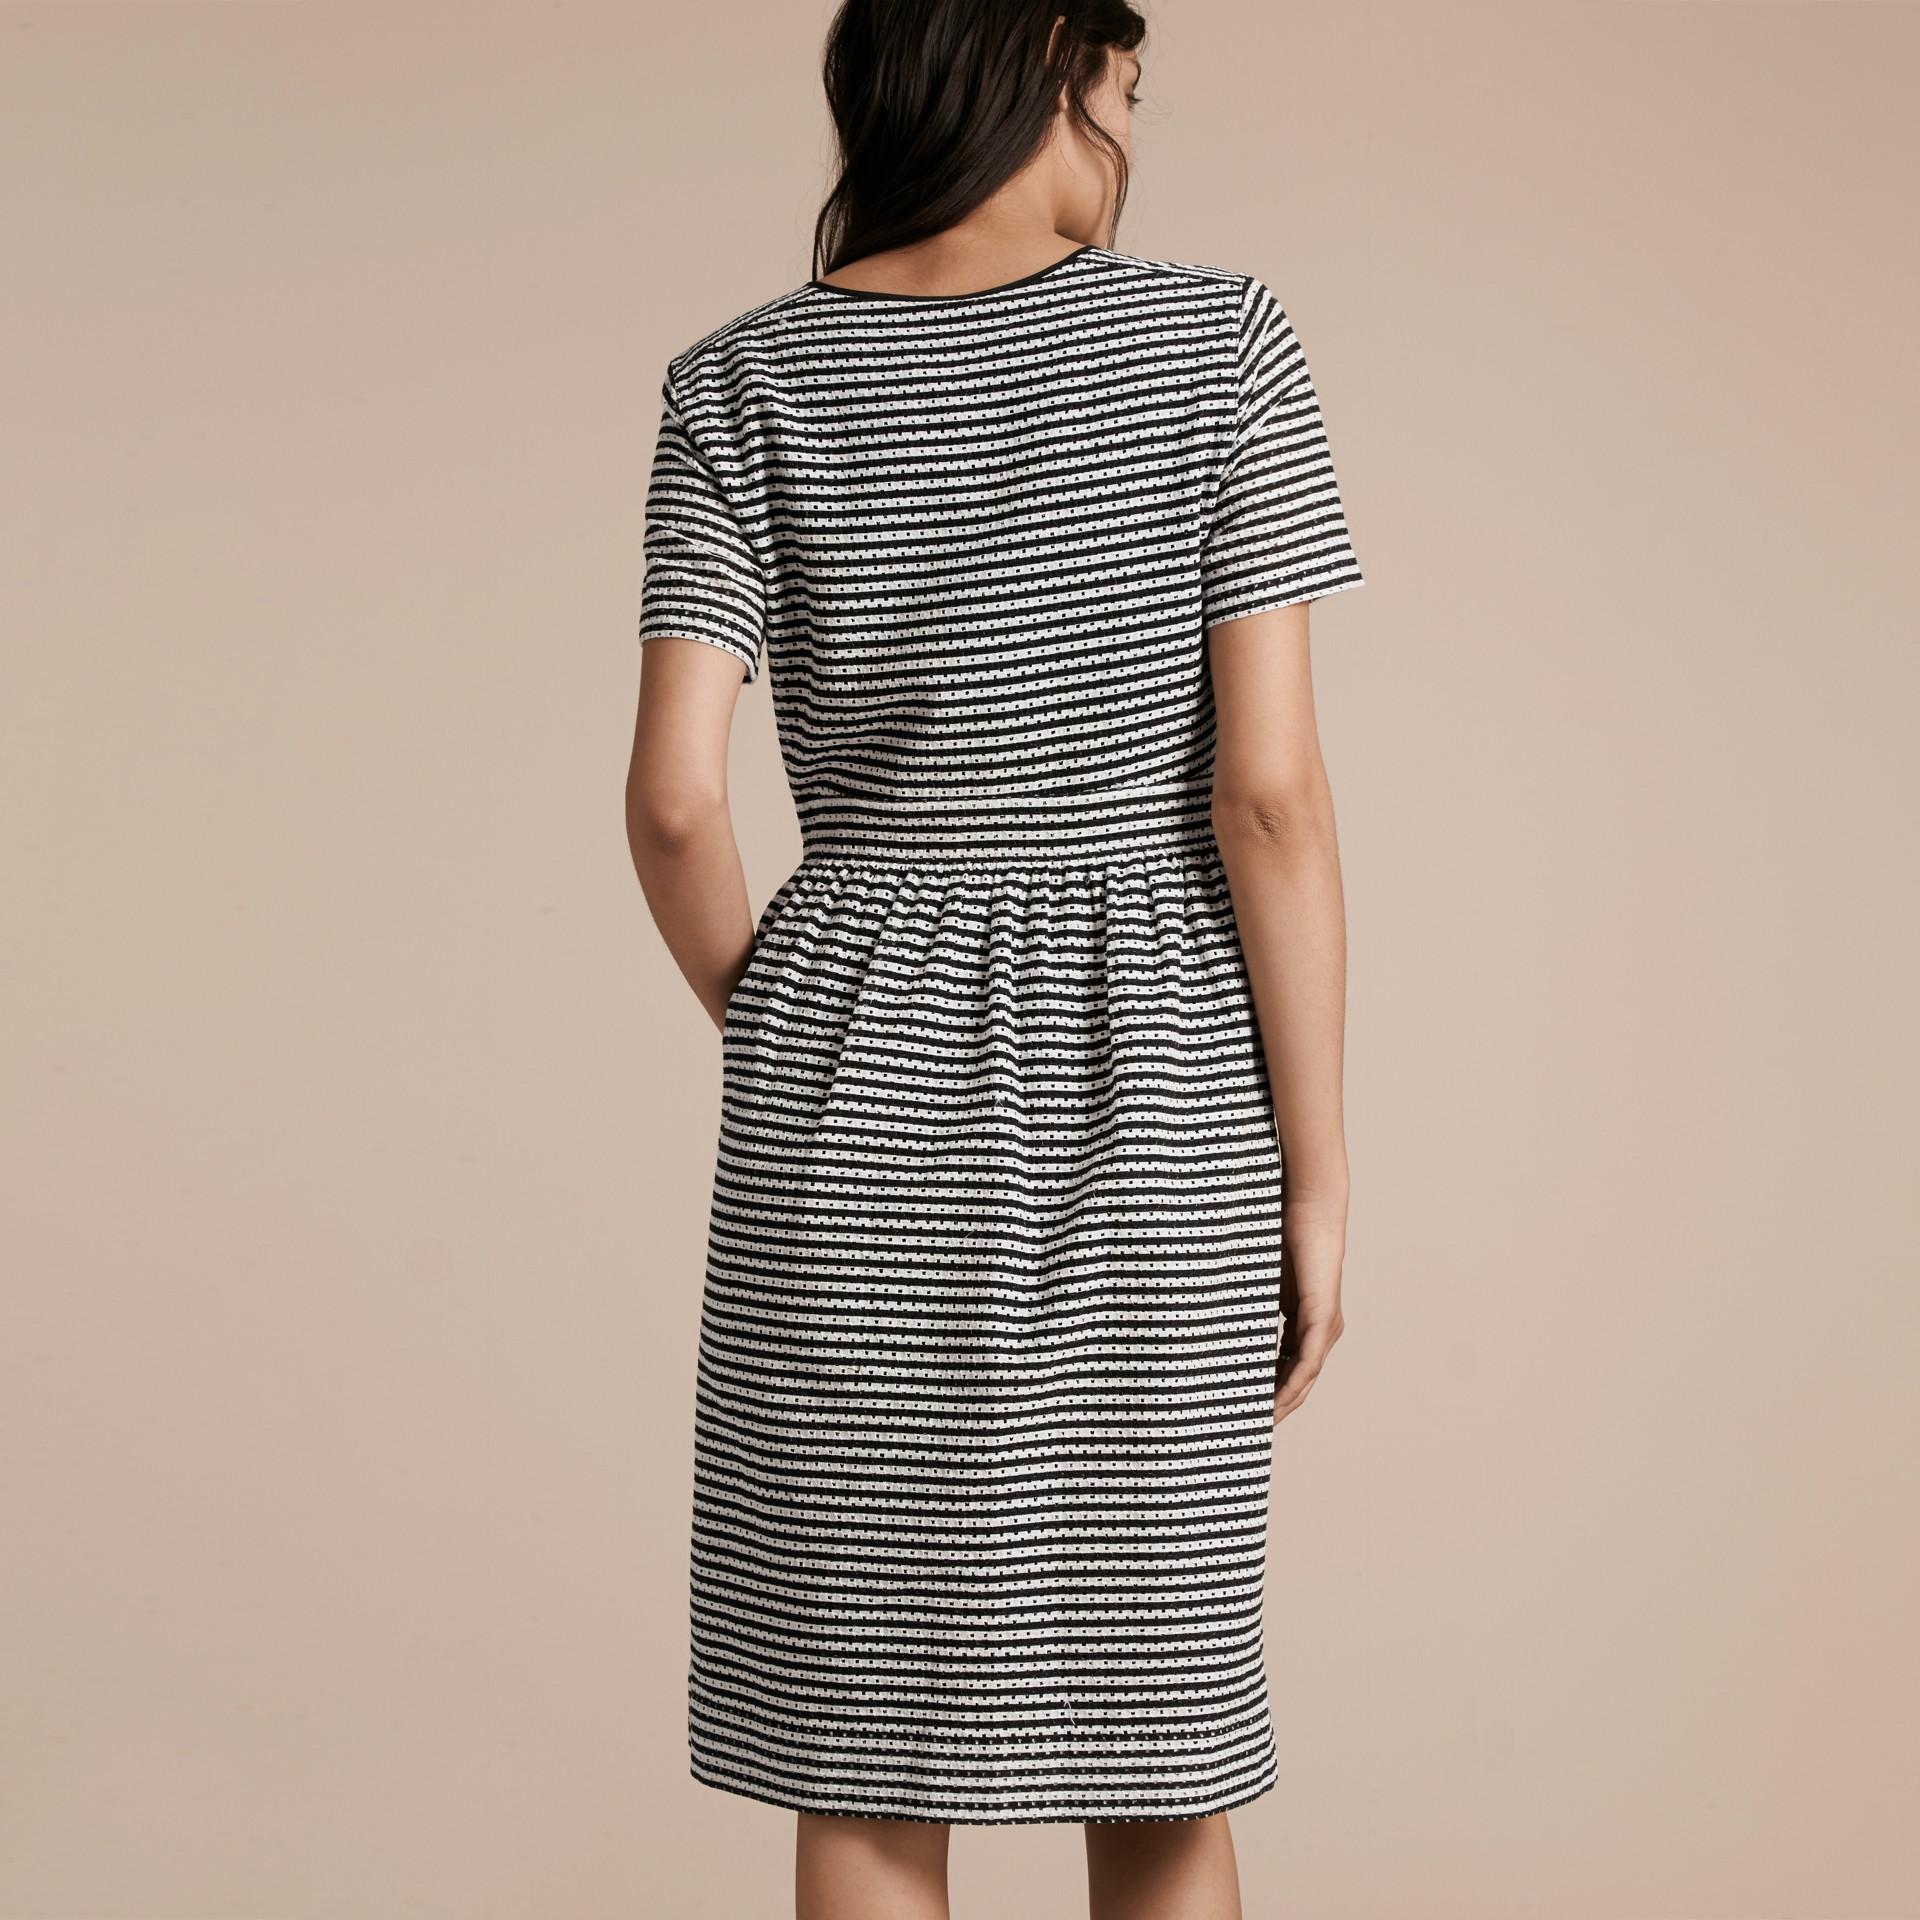 Черный Платье из ажурной ткани в полоску - изображение 3